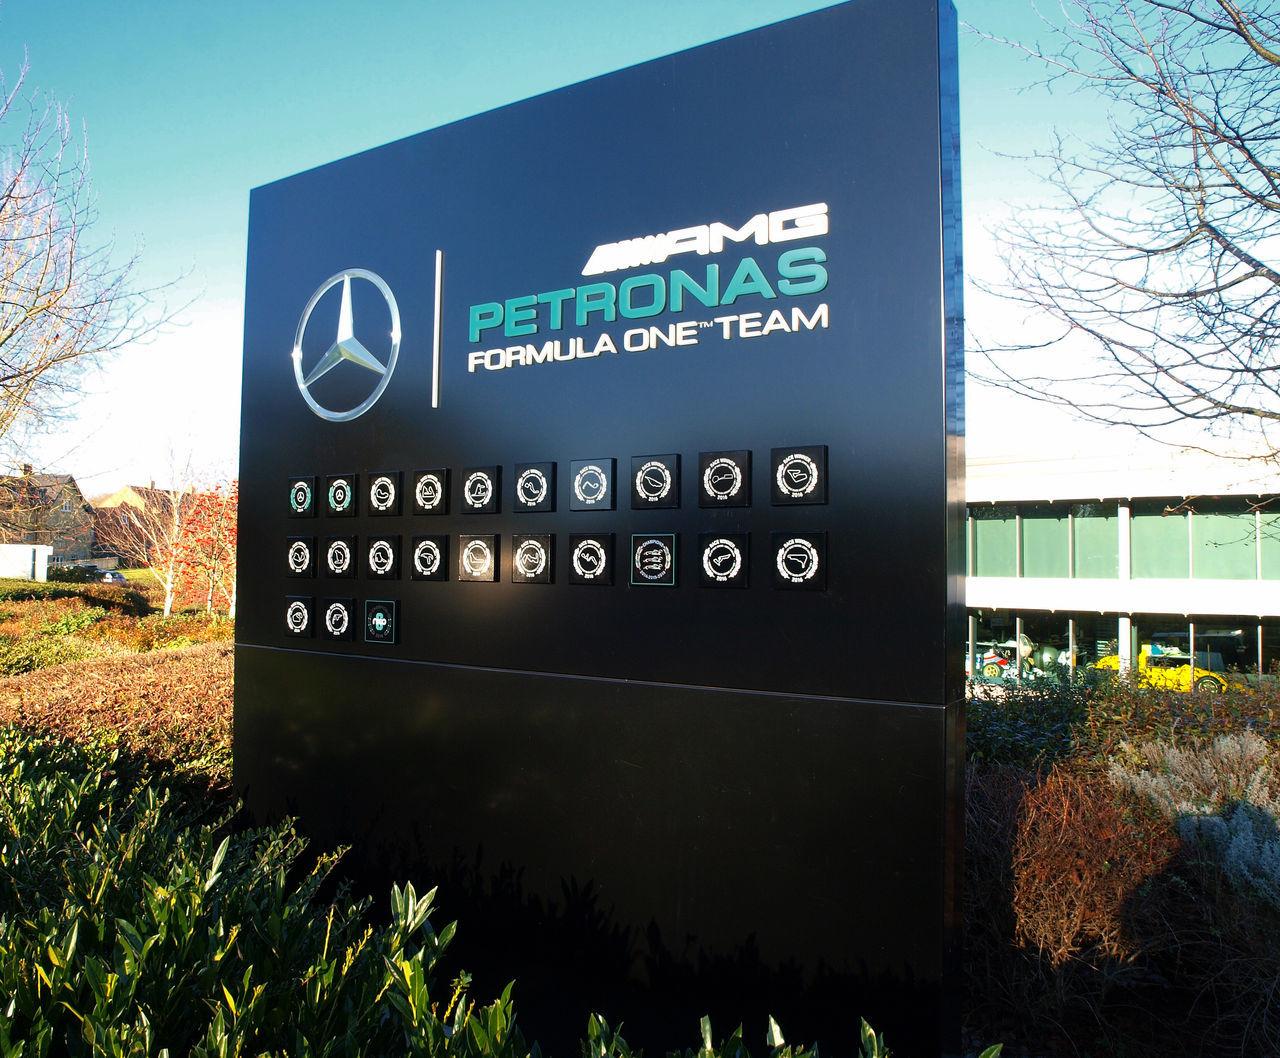 Mercedes AMG Petronas - Brackley Autosport Brackley Brackley Race Teams Company Signs F1 Formula One Racing Landscape Mercedes Mercedes Amg Mercedes AMG Formula One Mercedes AMG Petronas Motorsport Name Board Olympus